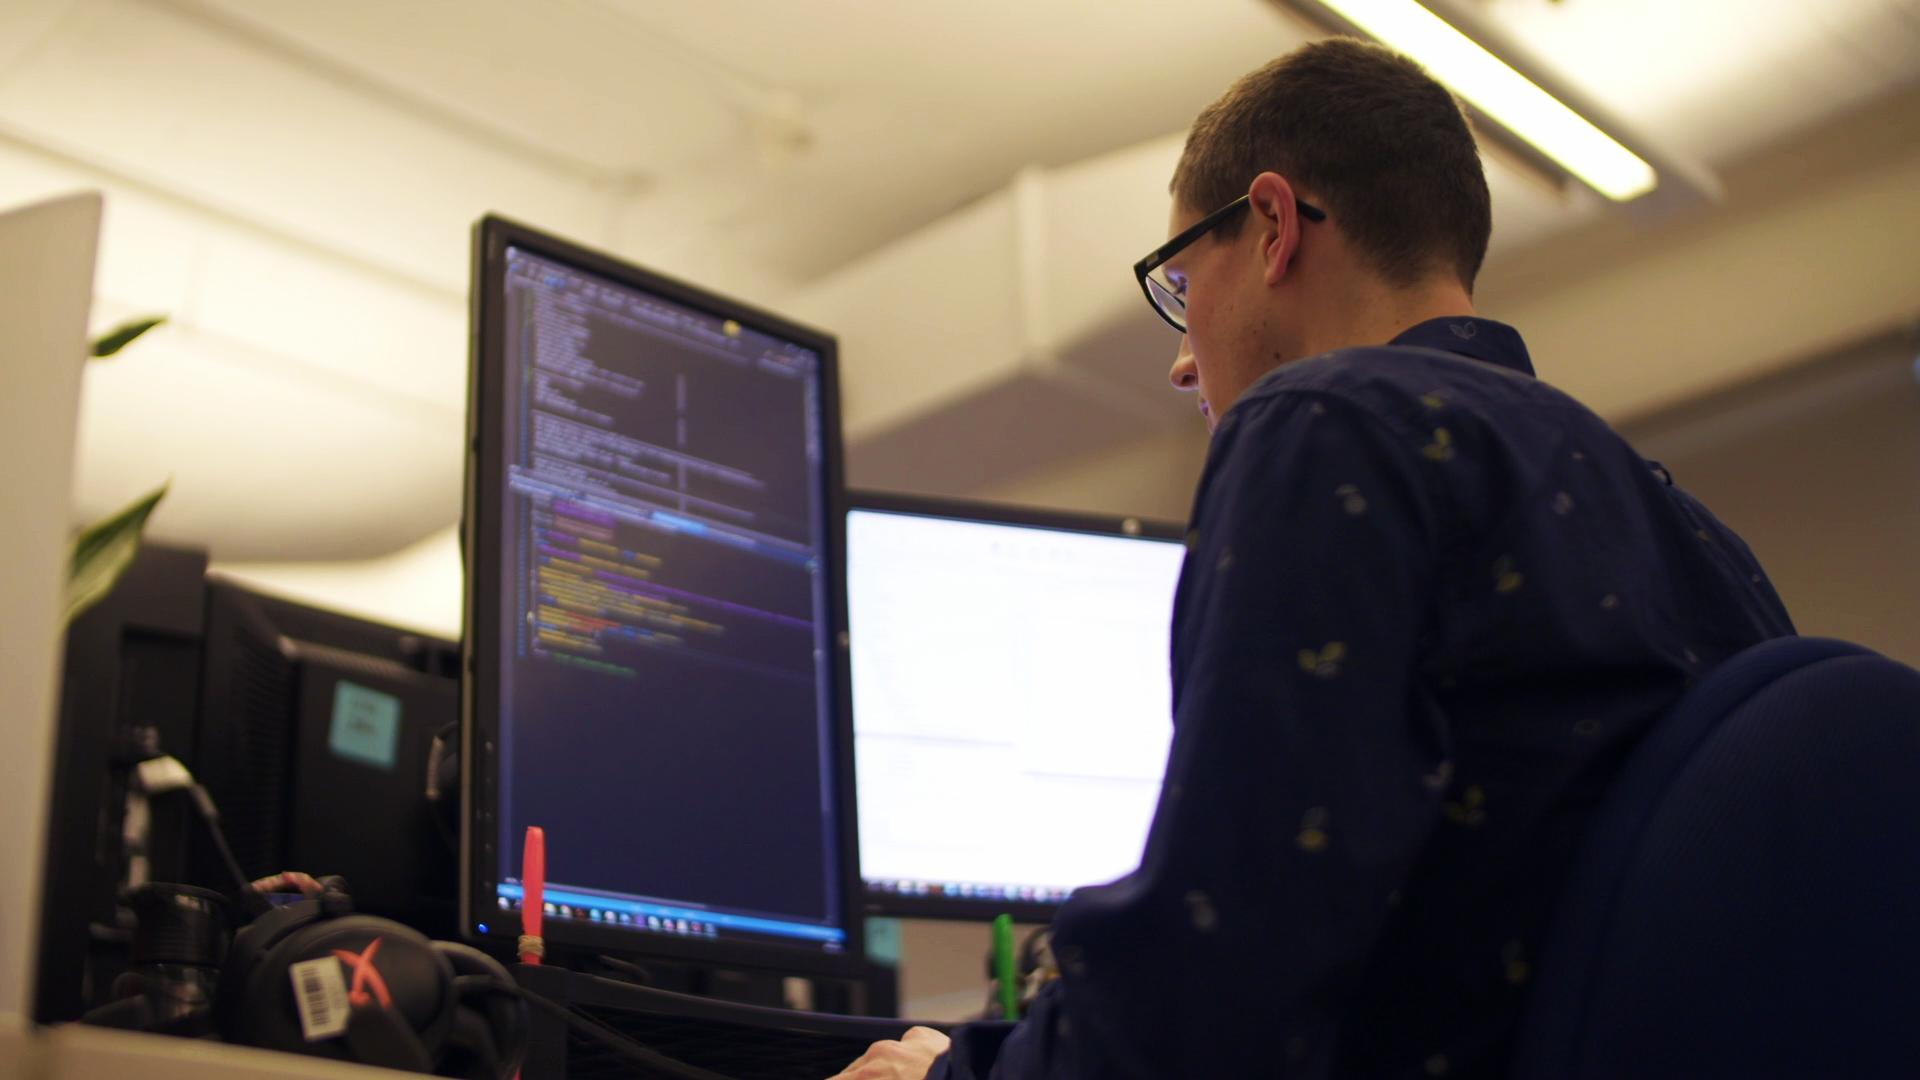 Alexandre Audette Génier's profession: AI Programmer